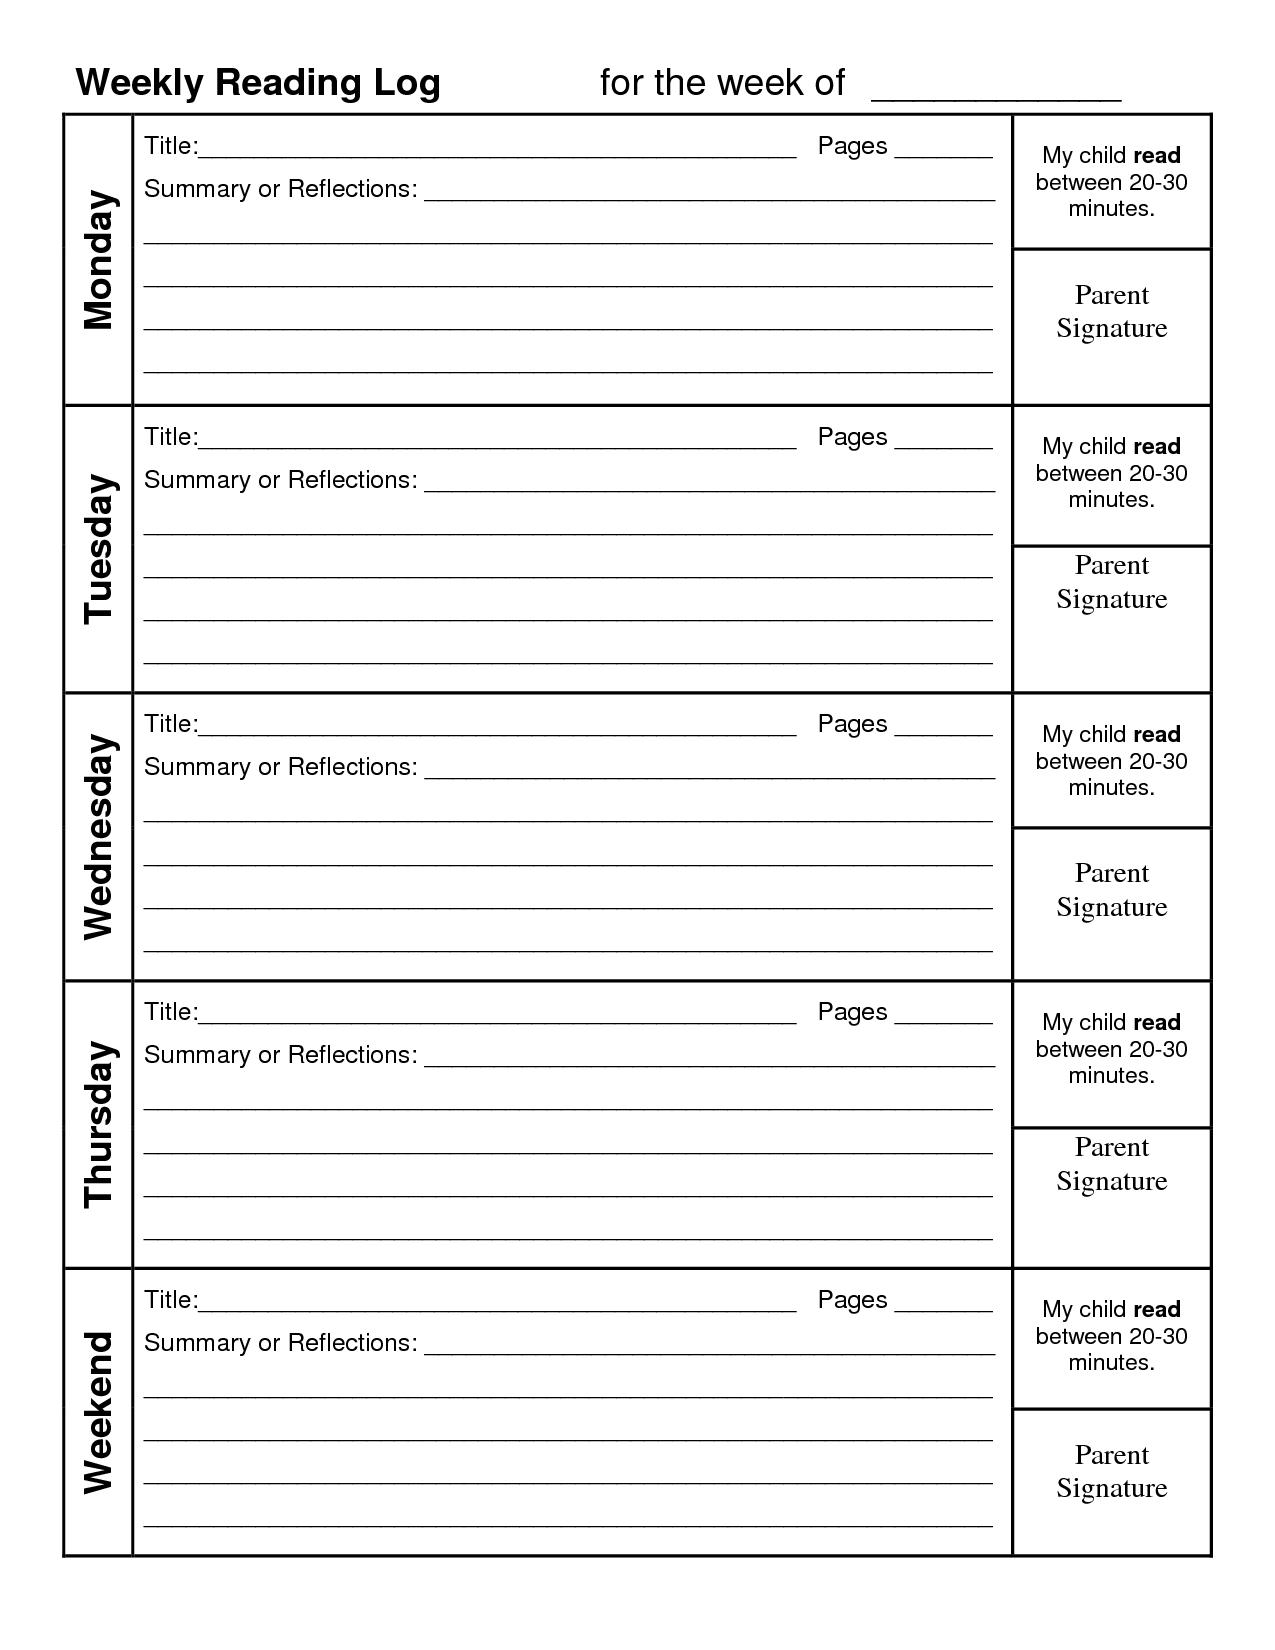 Log Reading Printable Weekly Calendar